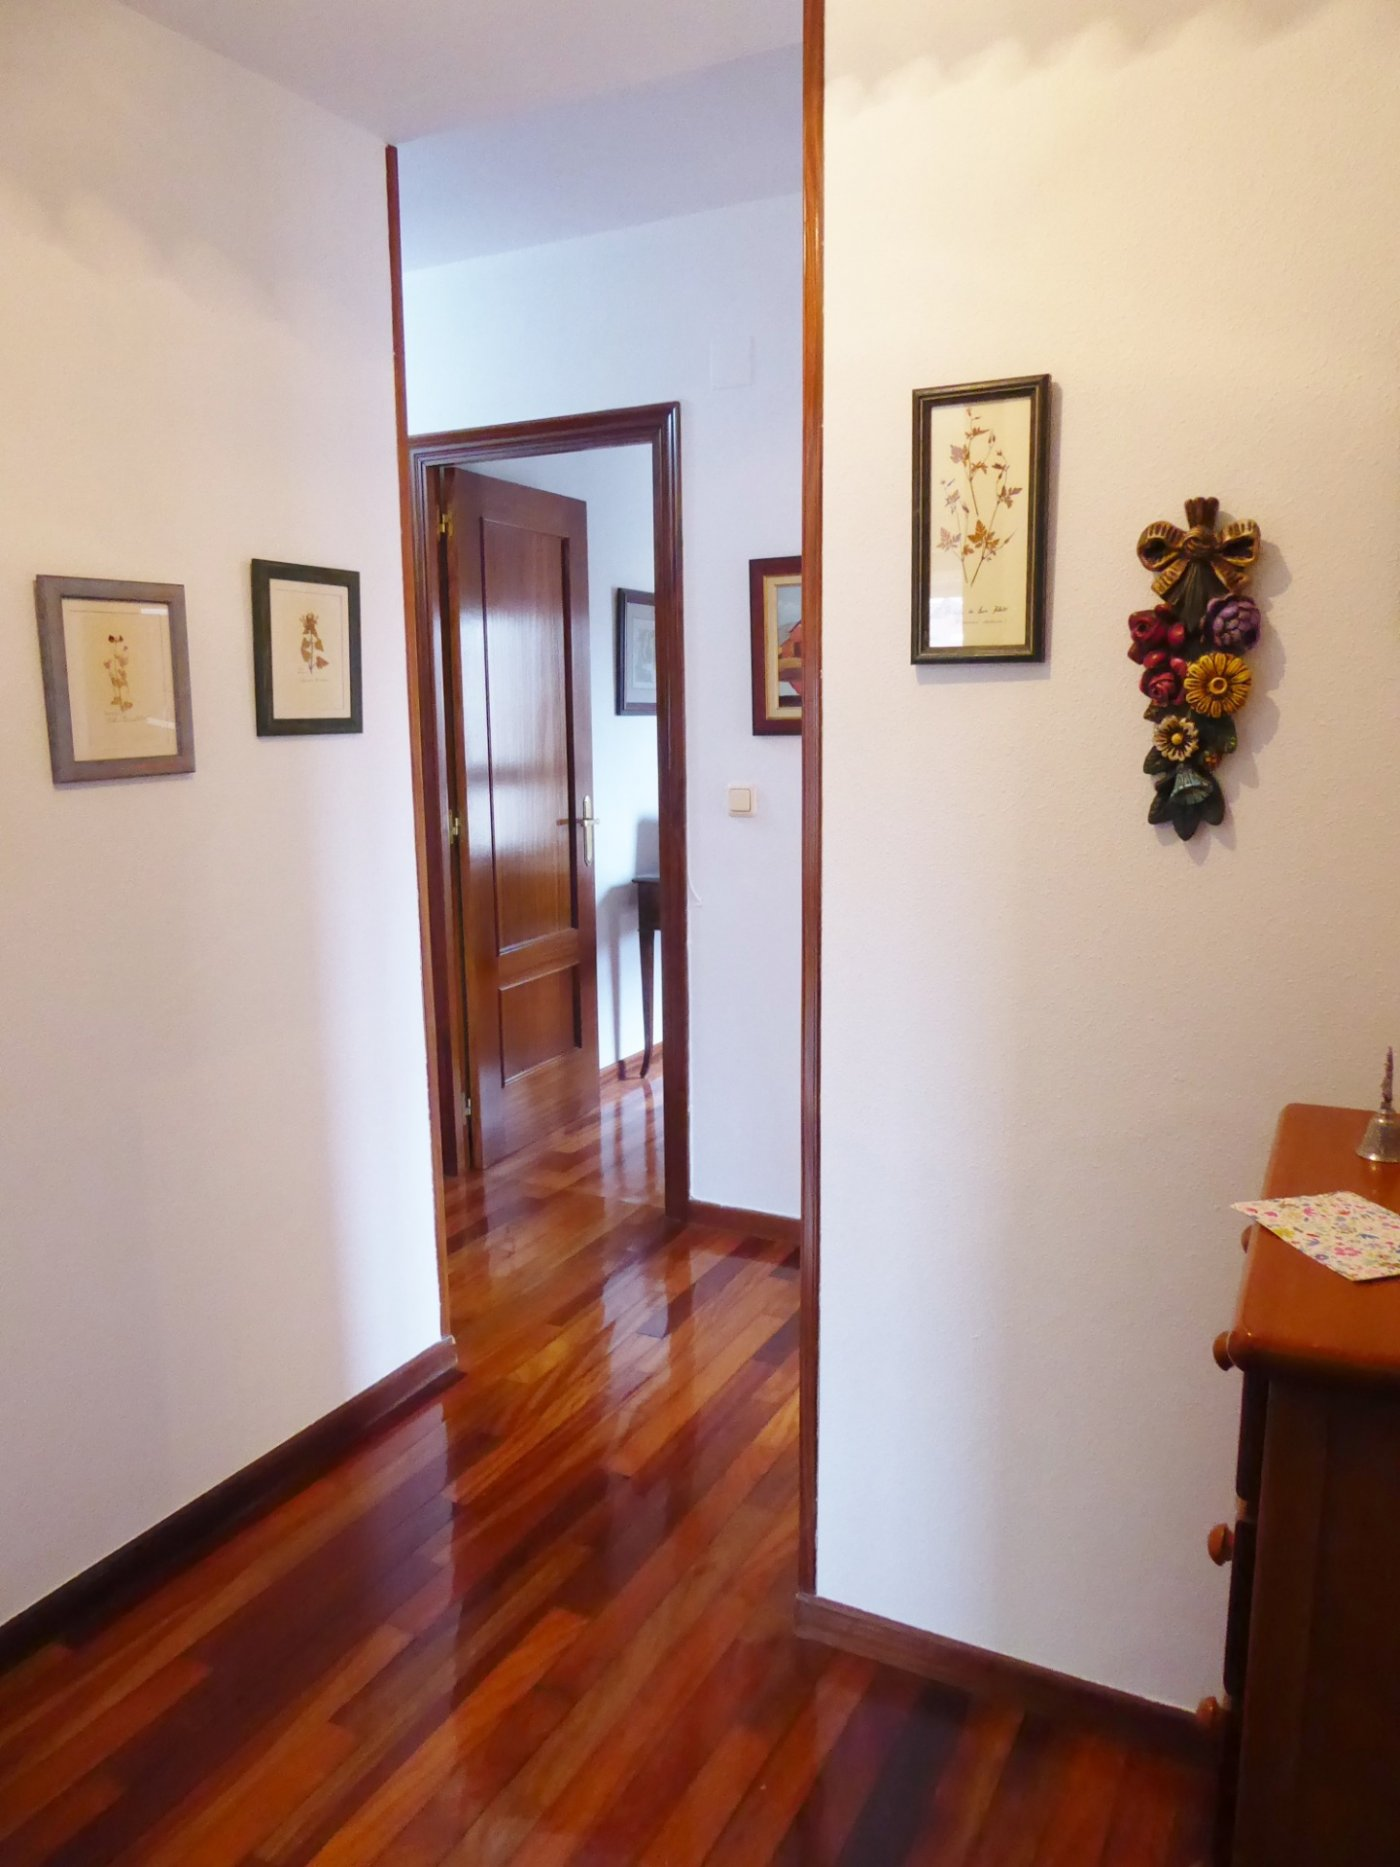 Alquiler de piso en gijon - imagenInmueble15